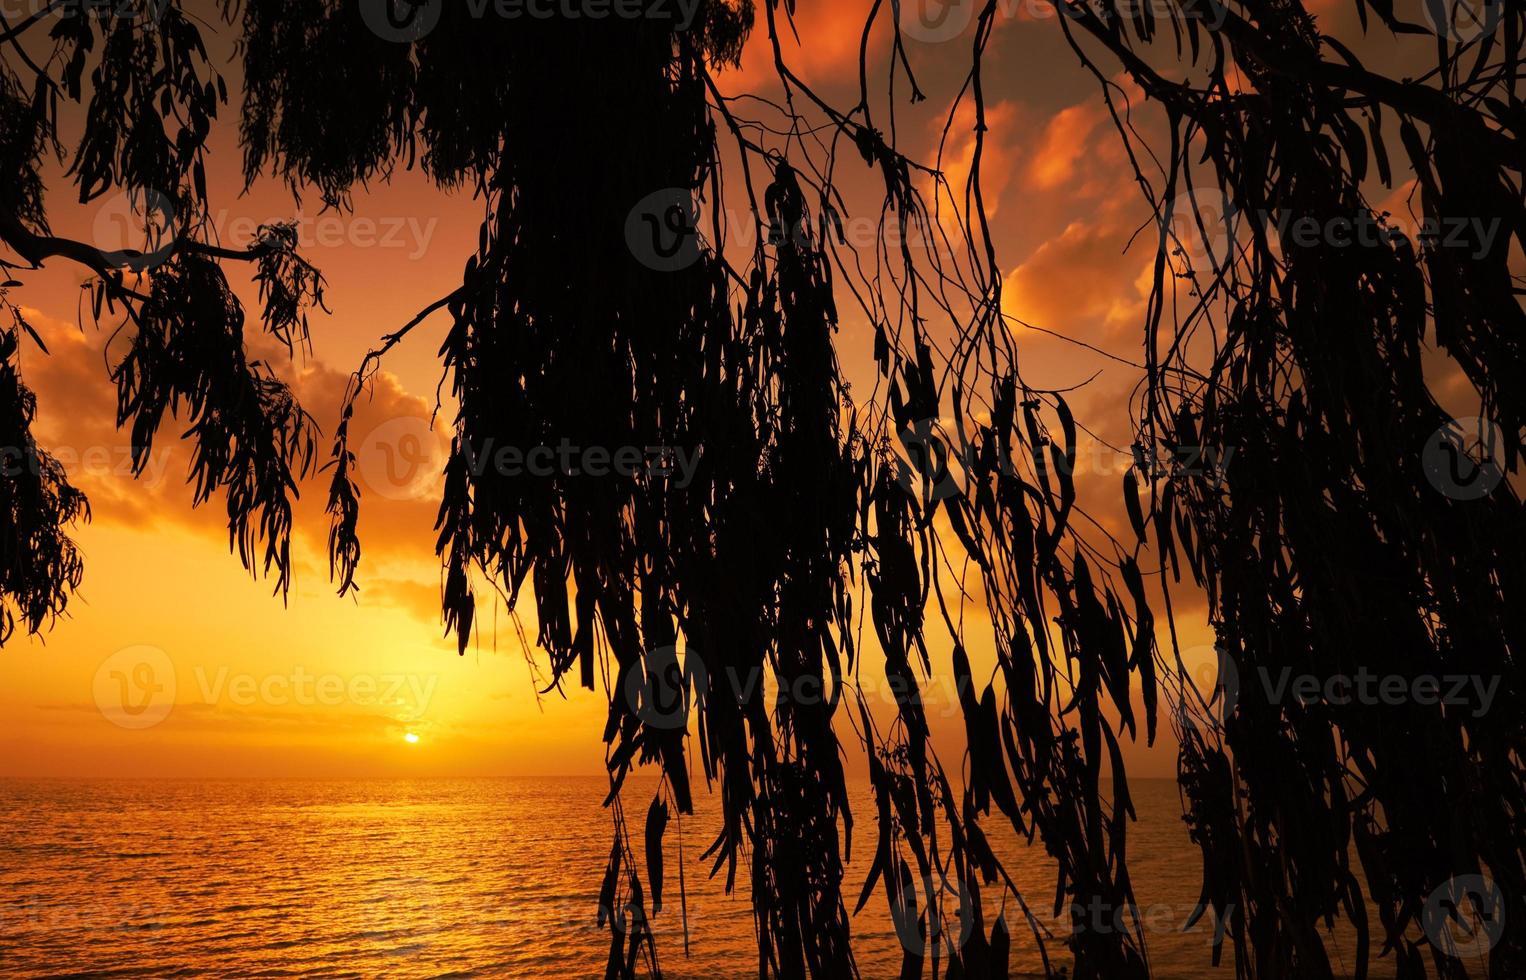 Mediterranean sunset photo